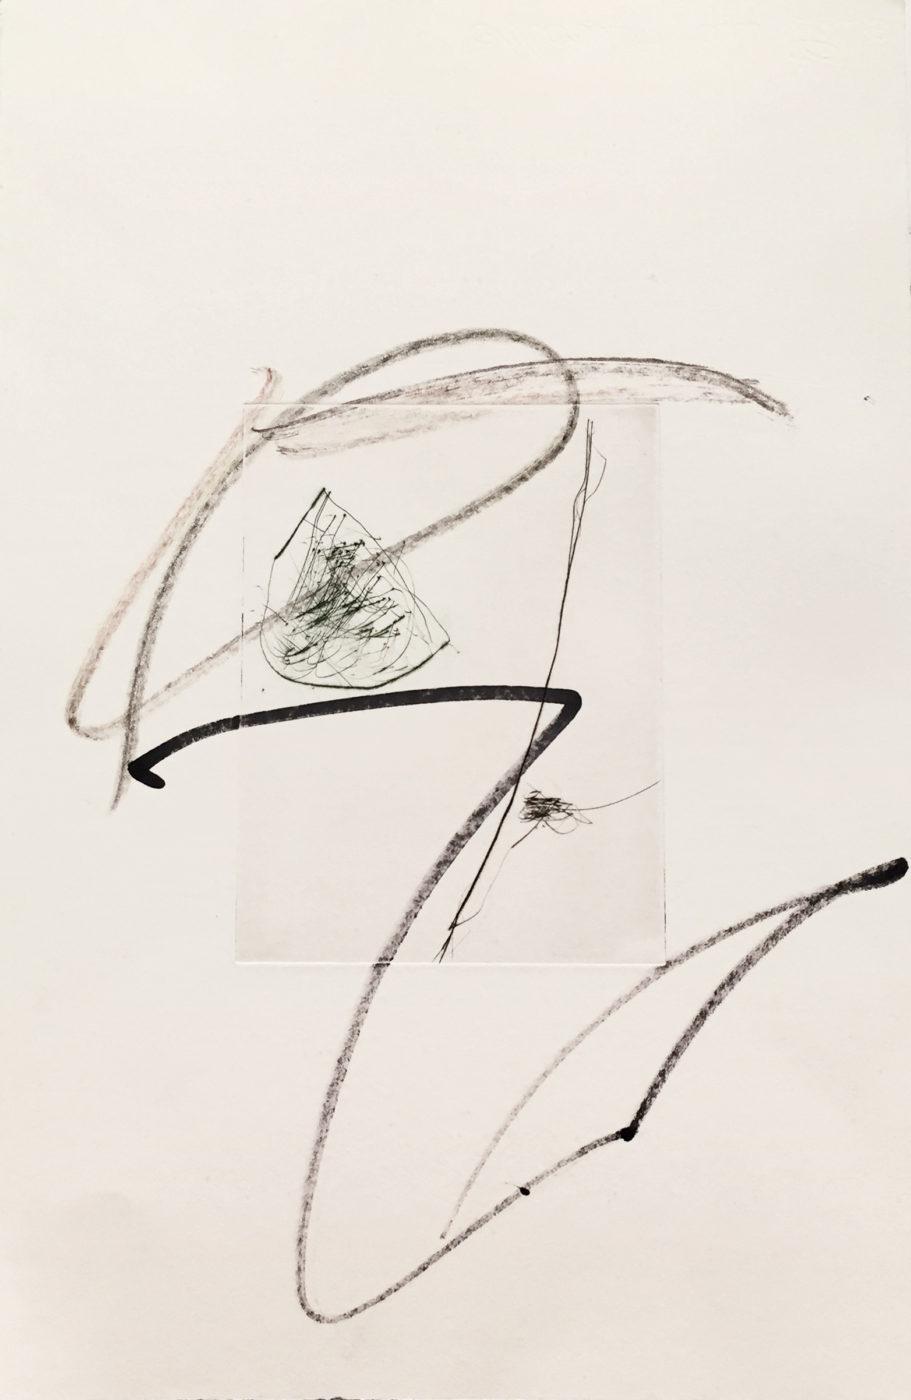 MARC FELD 2010-2016 LIGNES DE FUITE 2 Gravure sur zinc rehaussée au stylo feutre et à la mine de plomb 28 x 38 cm tirage Patrick Vernet